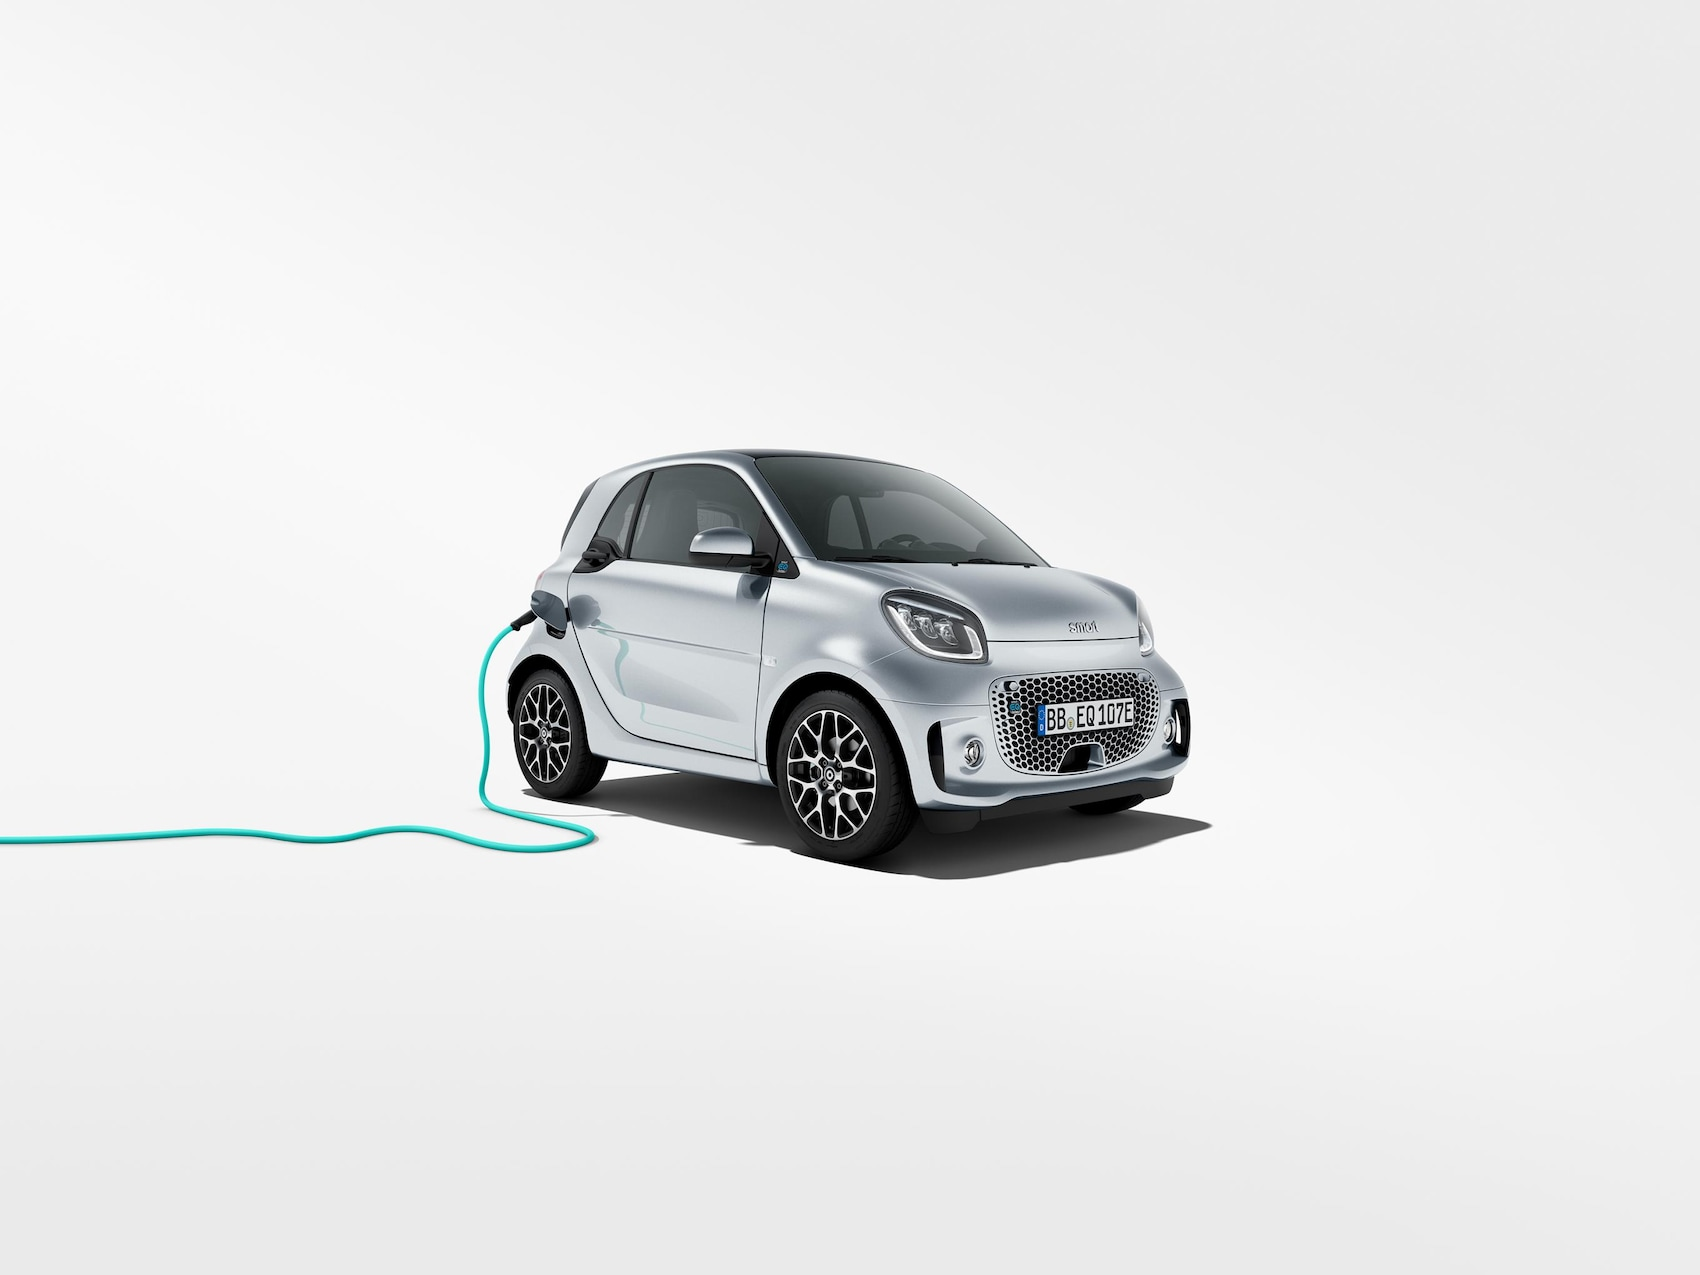 smart EQ fortwo en color plata con cable de carga turquesa